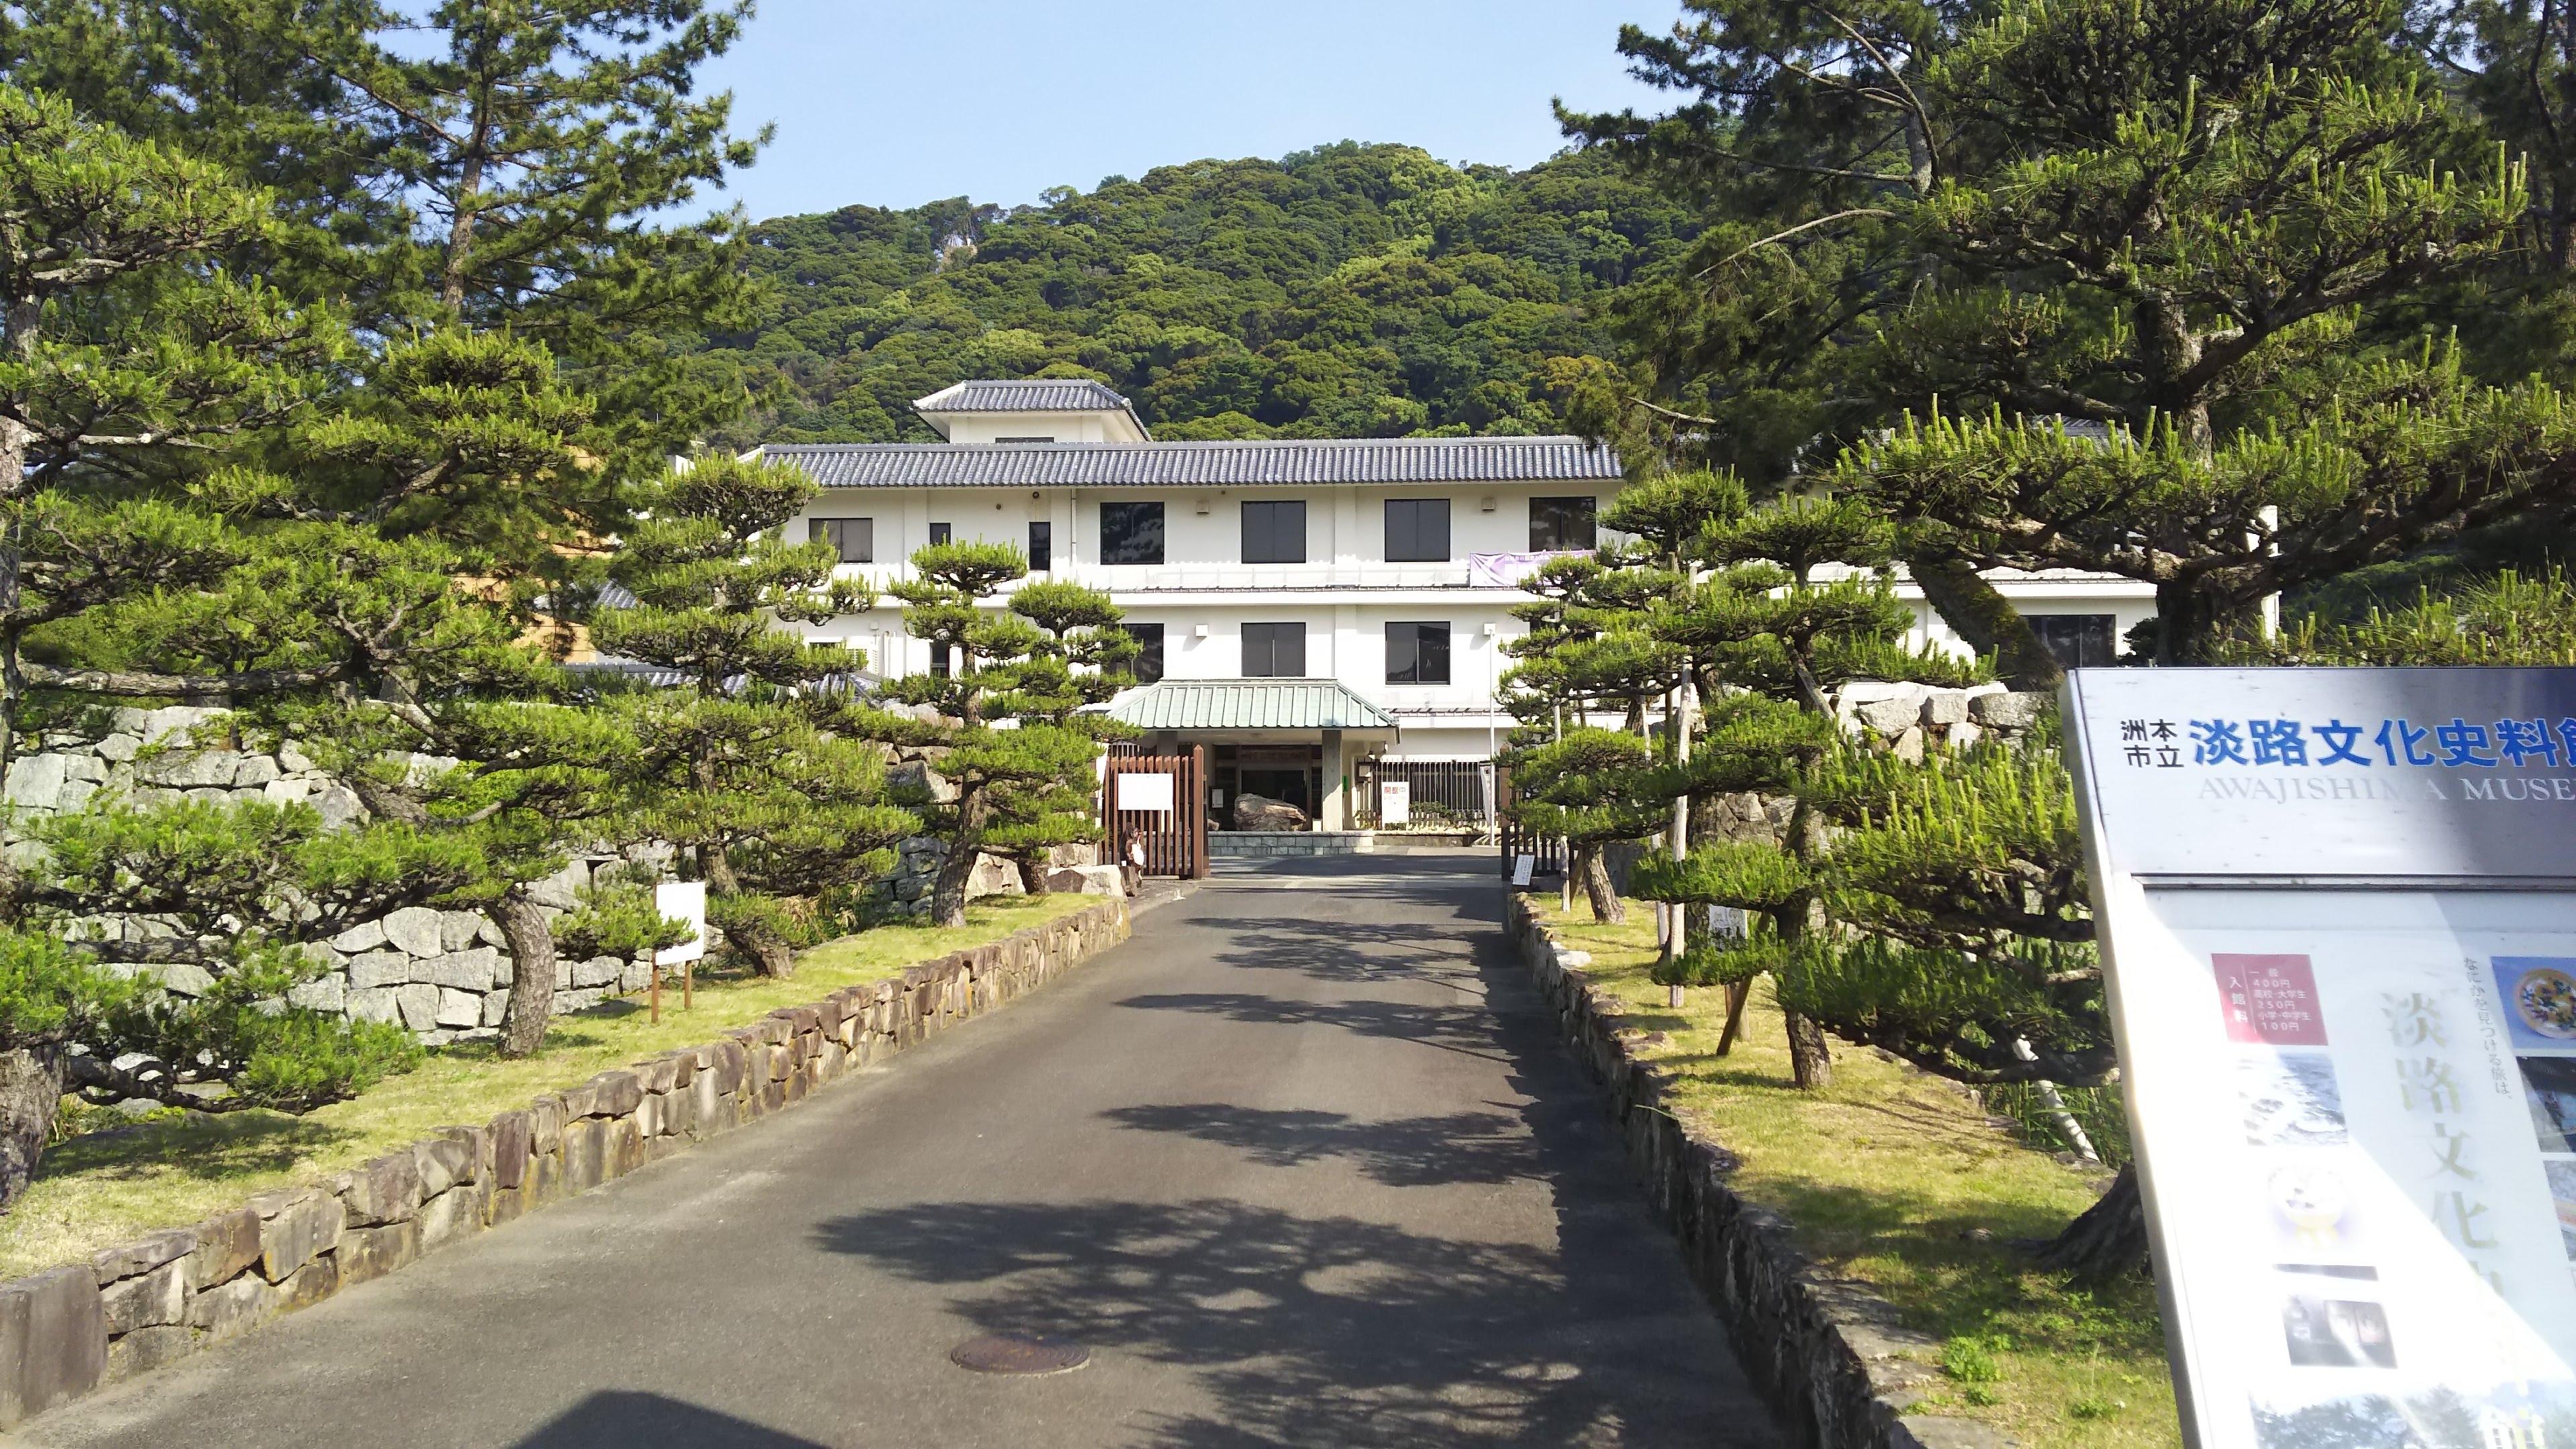 淡路島探検② 洲本市淡路文化資料館 / Awaji Island Expedition 2 Awajishima Museum